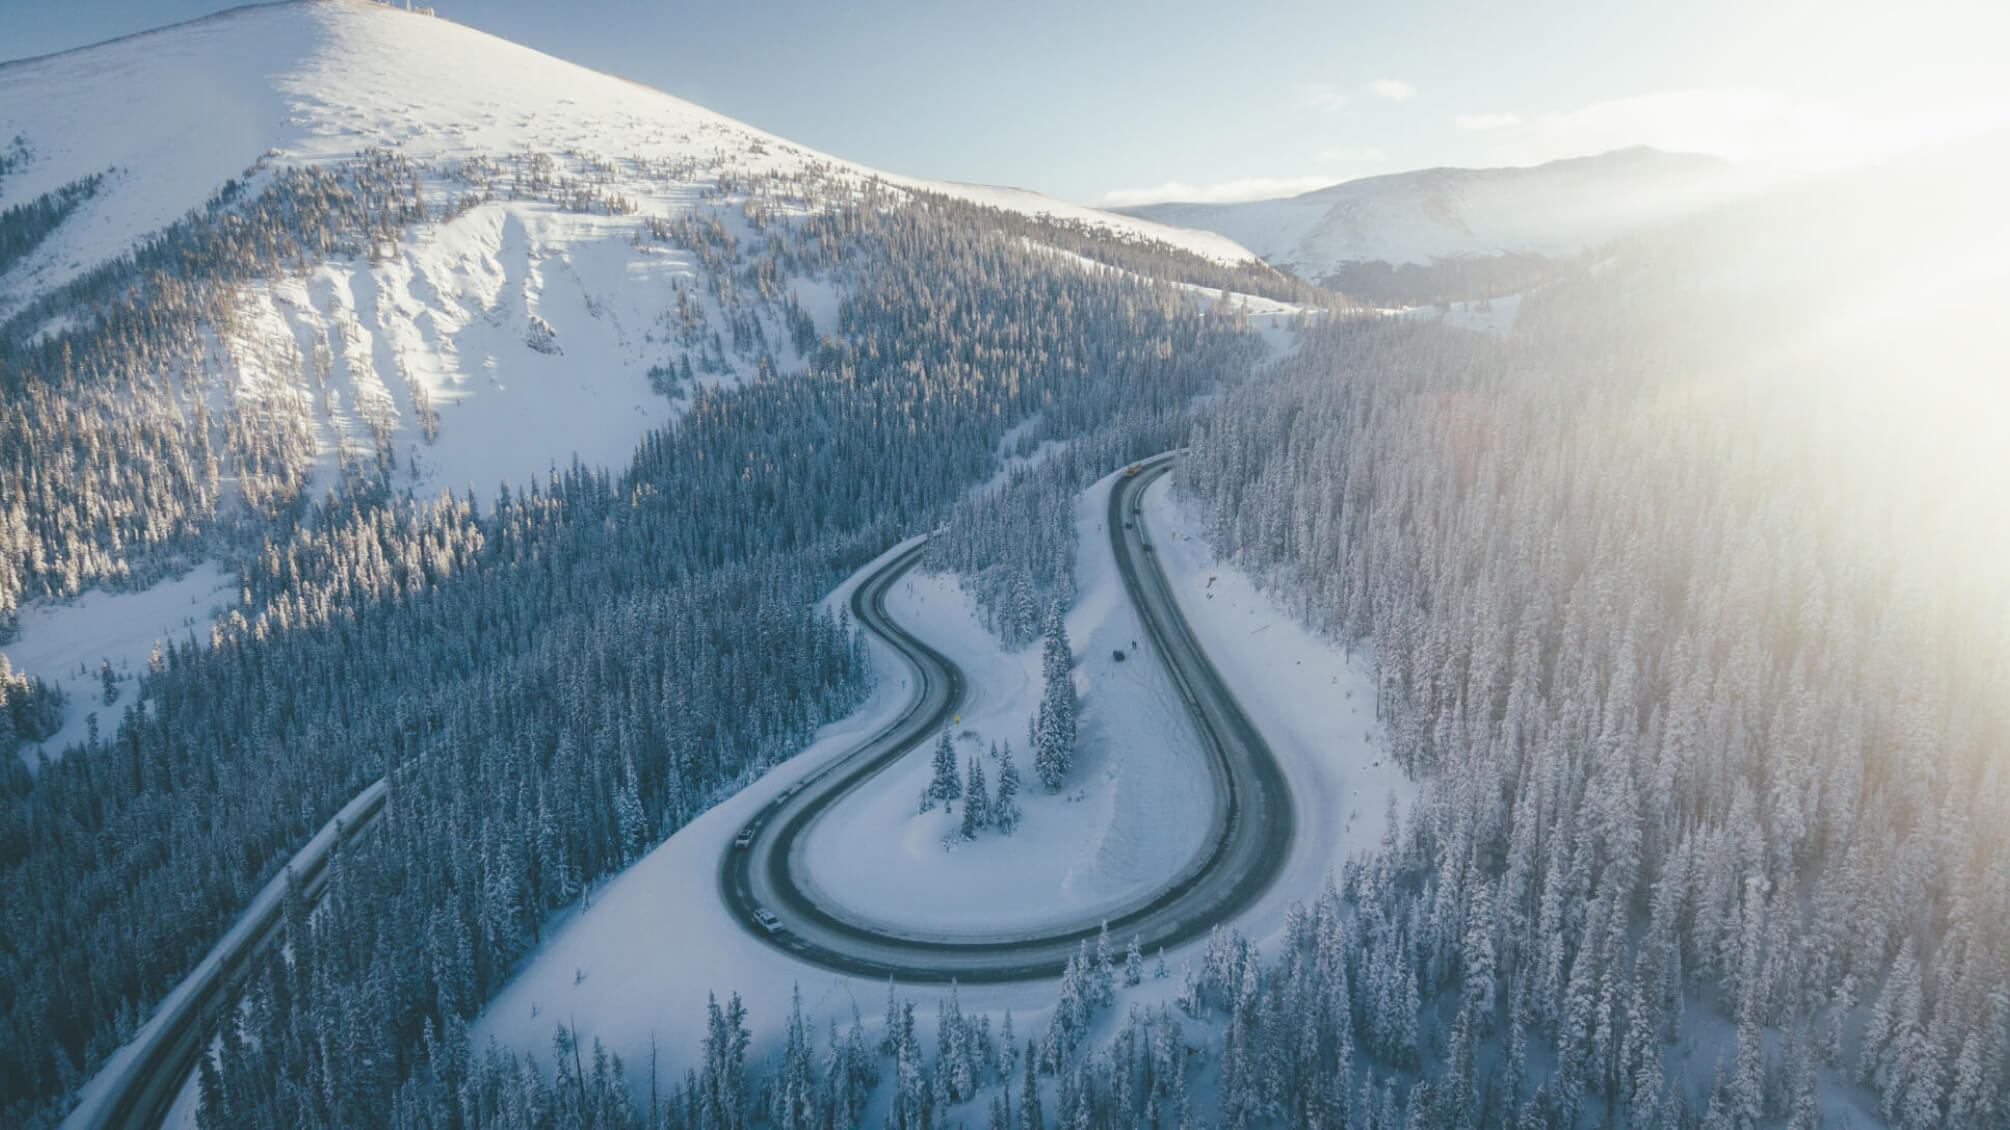 Kurvige Straße mit Streusalzalternative gestreut in verschneiten Bergen